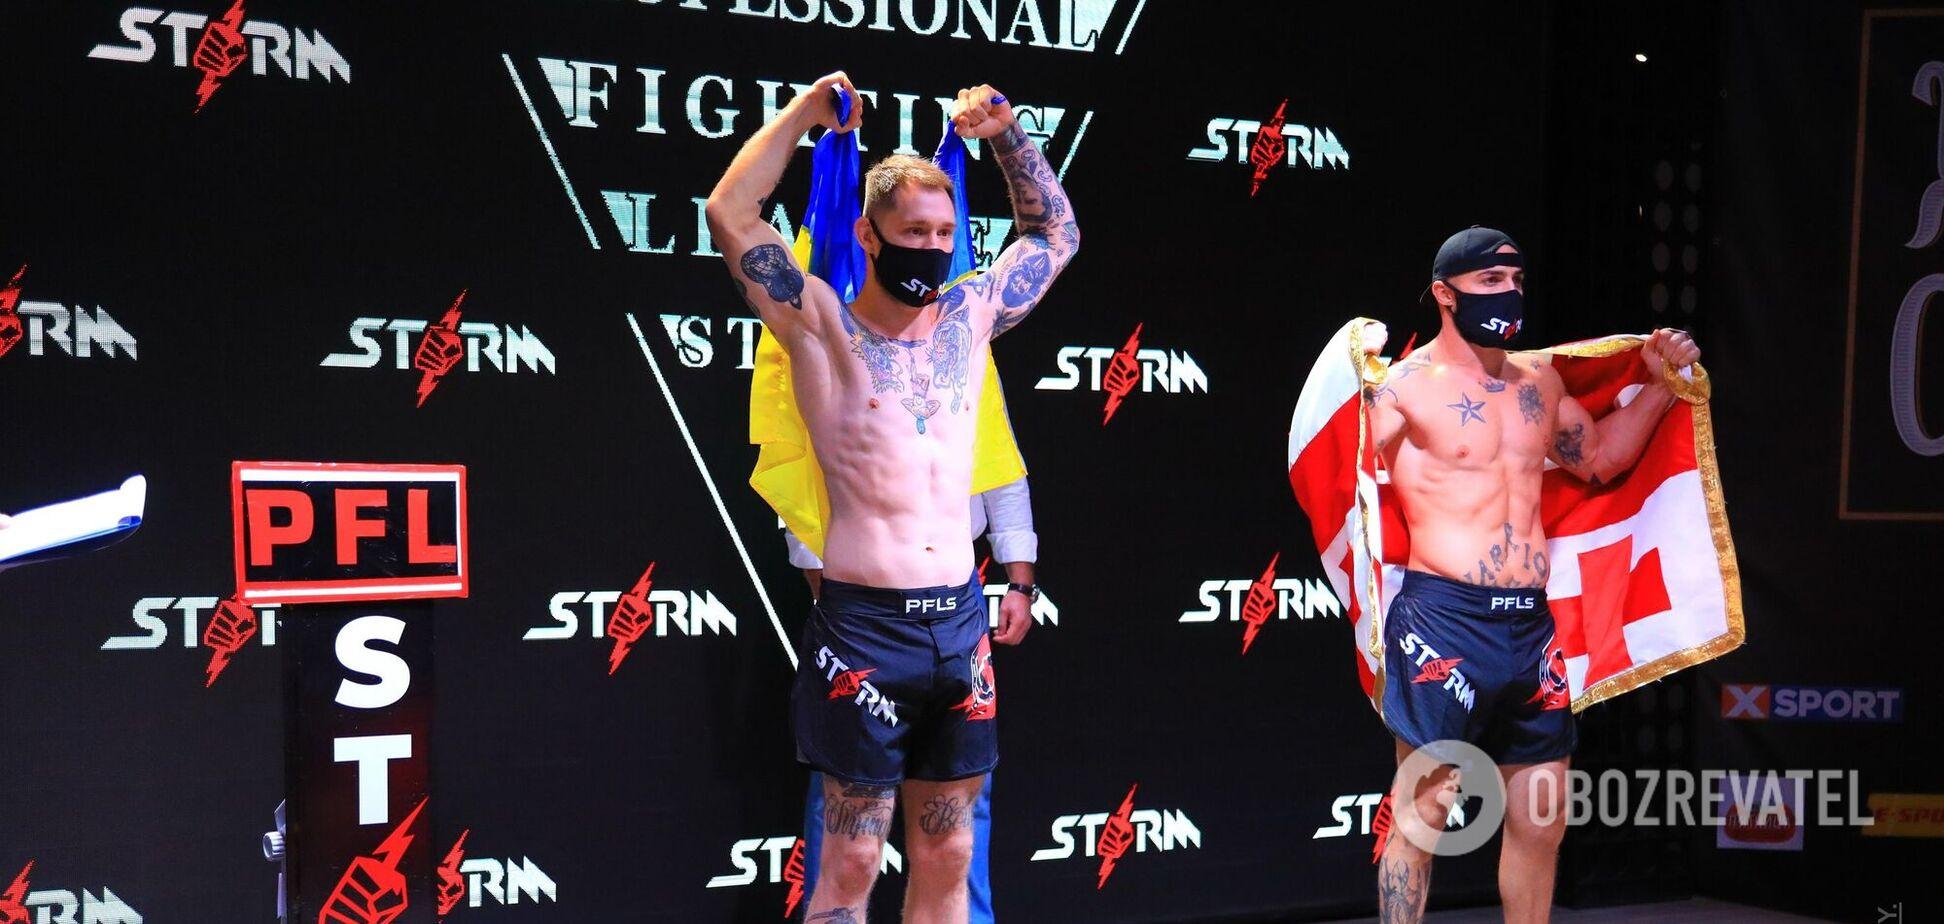 12 боев, много крови и презентация промоушена: впервые в Кременчуге прошел международный турнир ММA 'Fighting Night Storm'